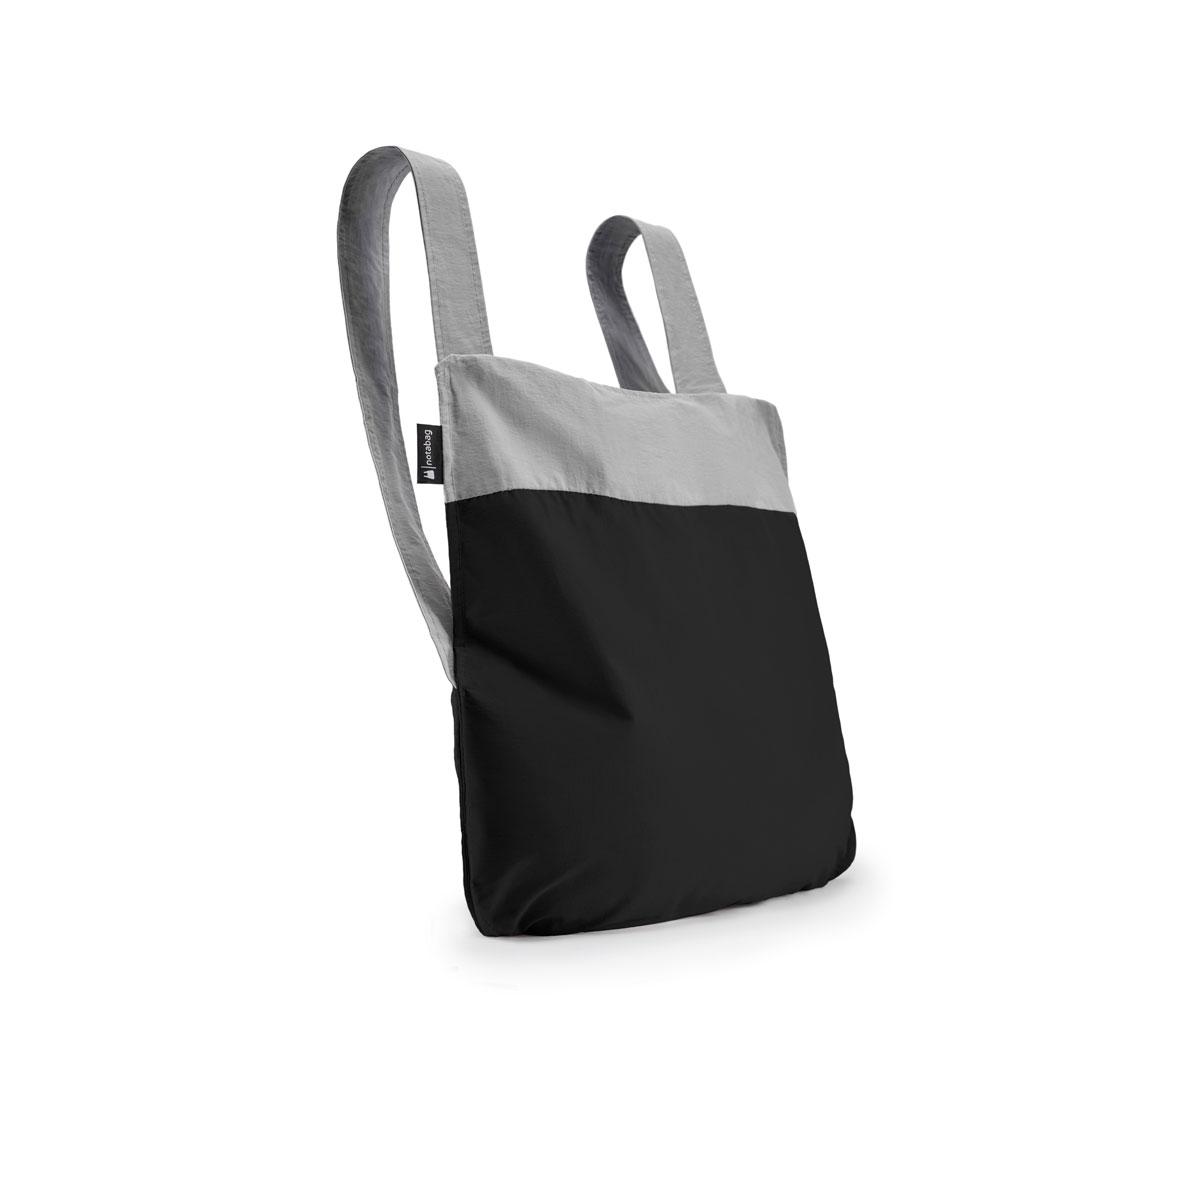 notabag Original 2in1 Tasche und Rucksack - Grey/Black von notabag